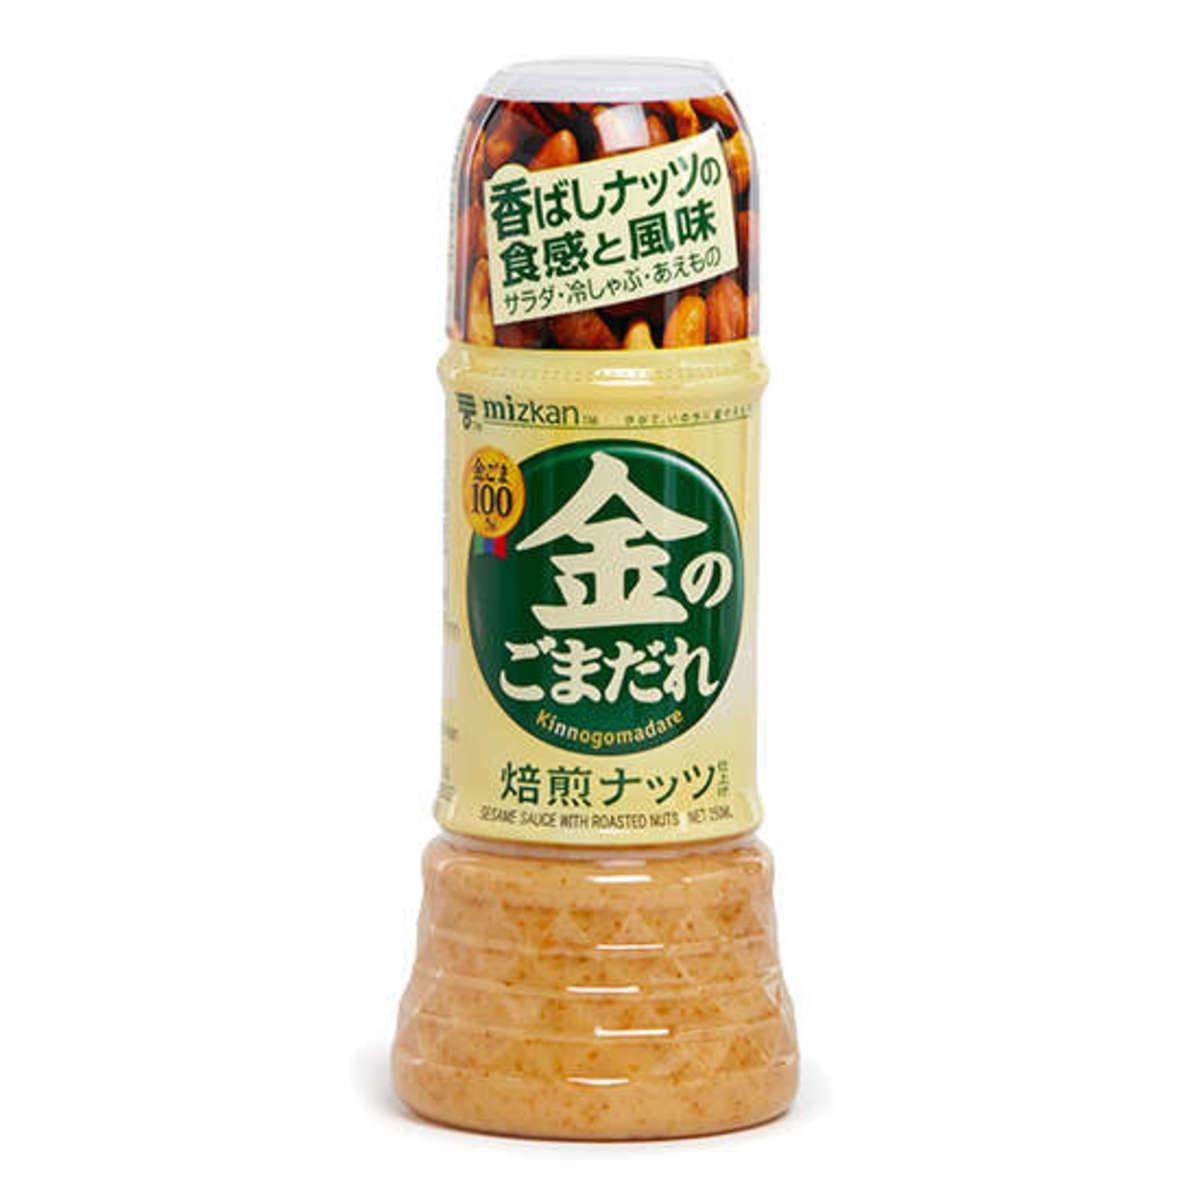 金芝麻醬 (焙煎豆)